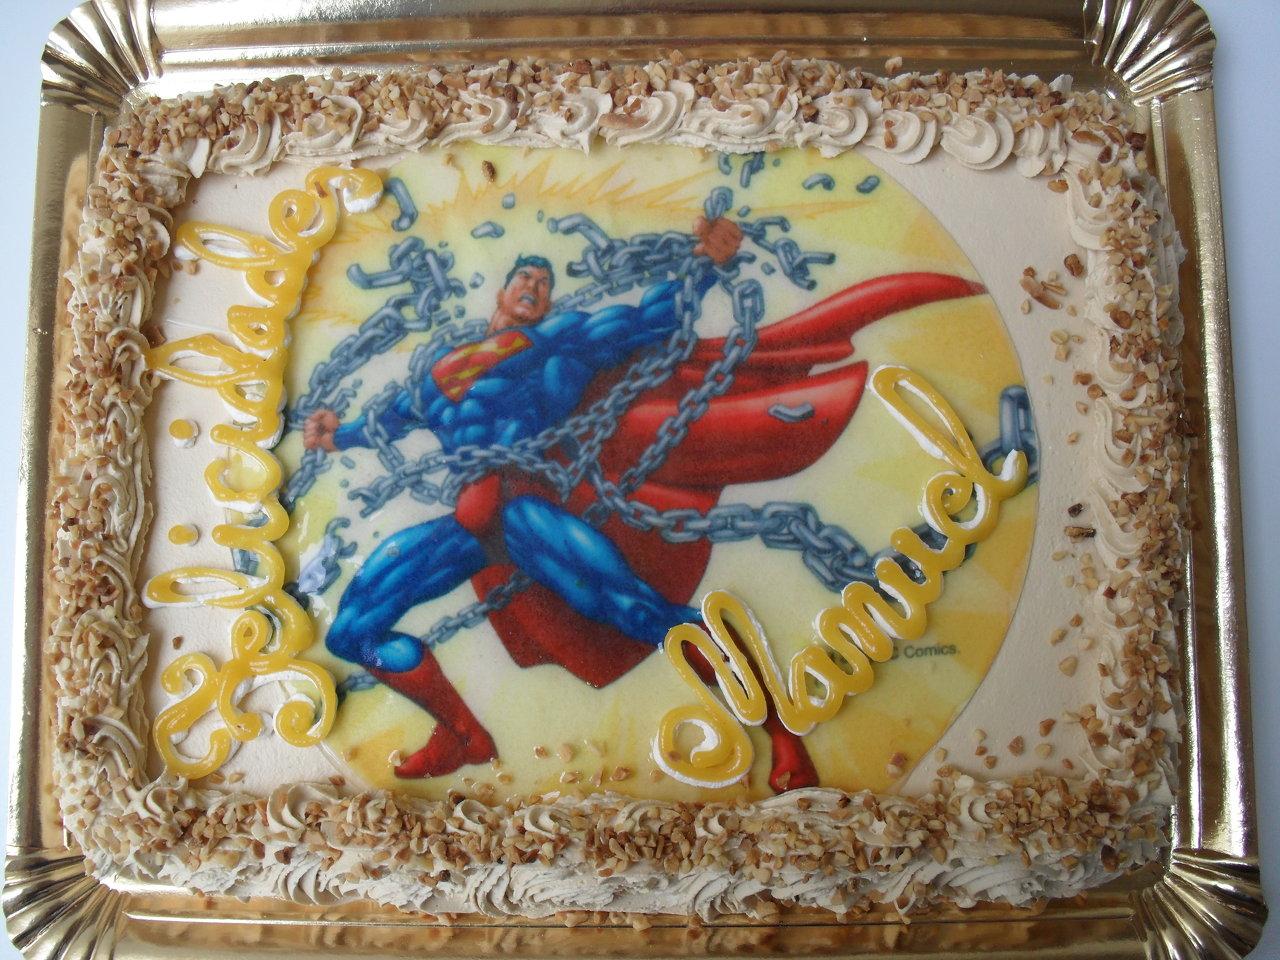 Tarta con la oblea de superman.